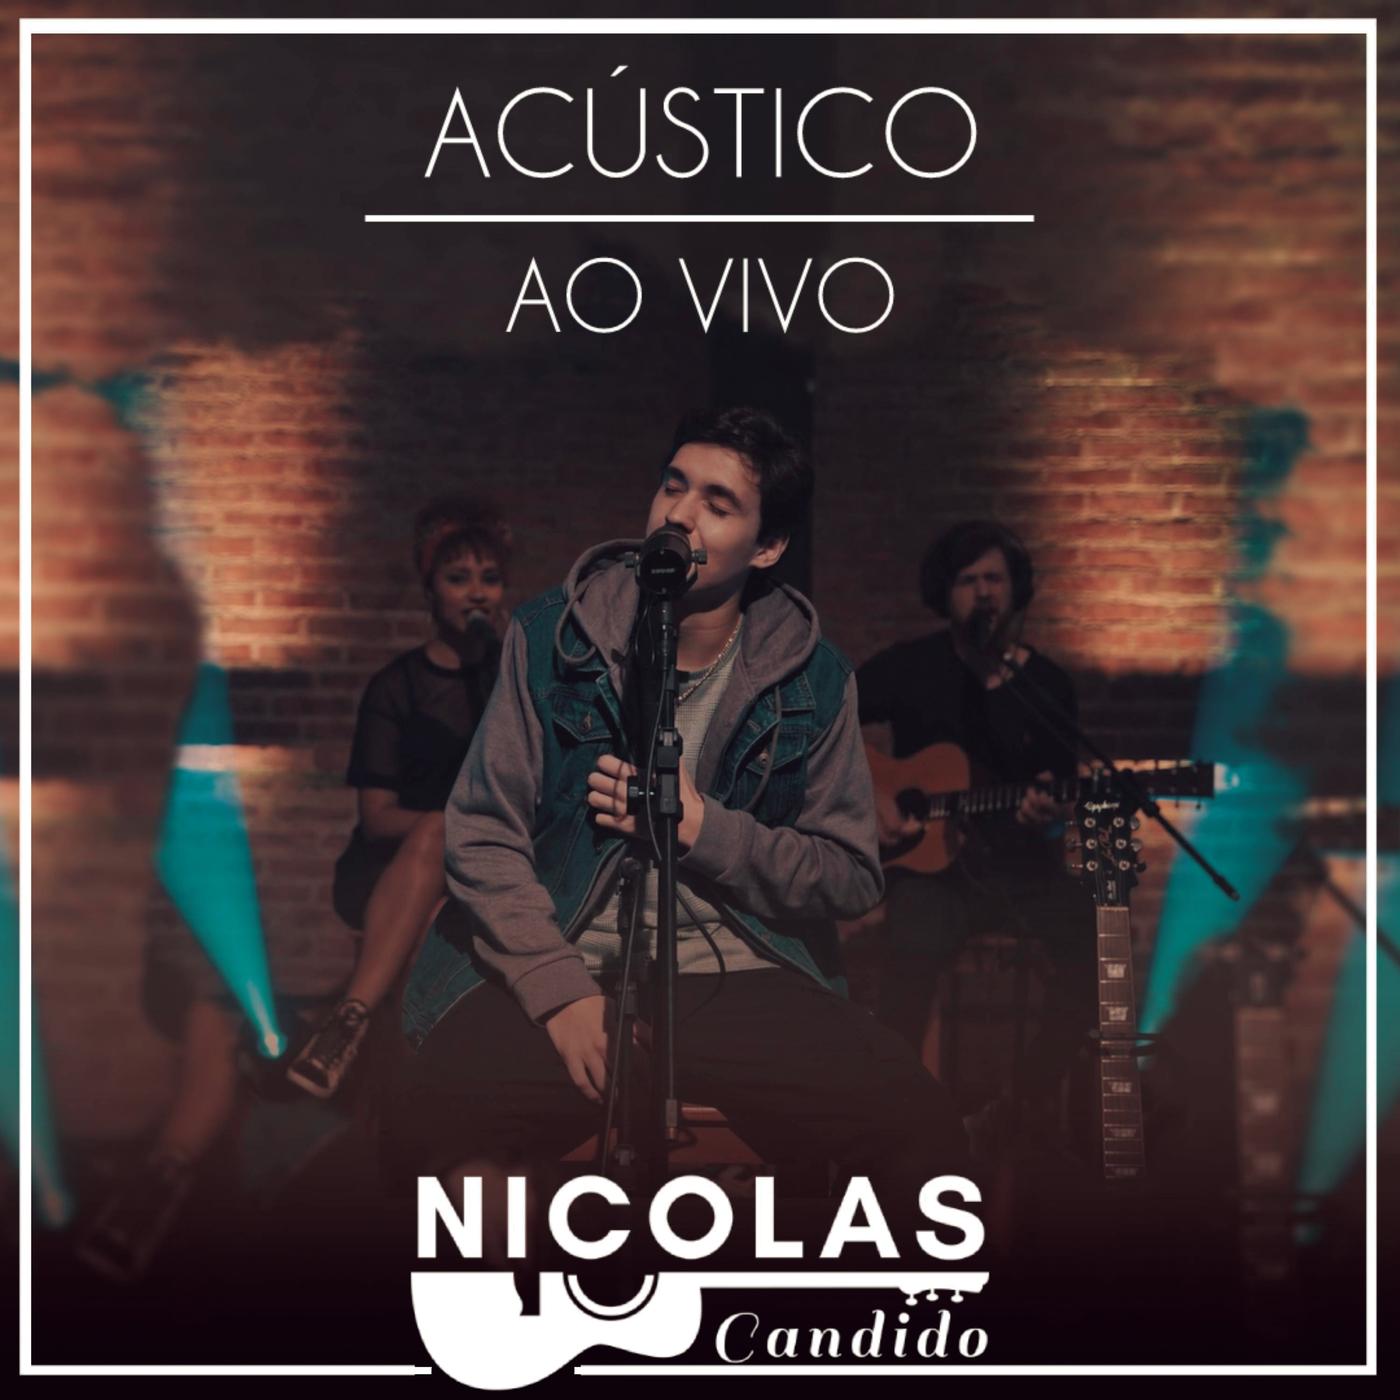 Acústico - Ao Vivo - Nicolas Candido